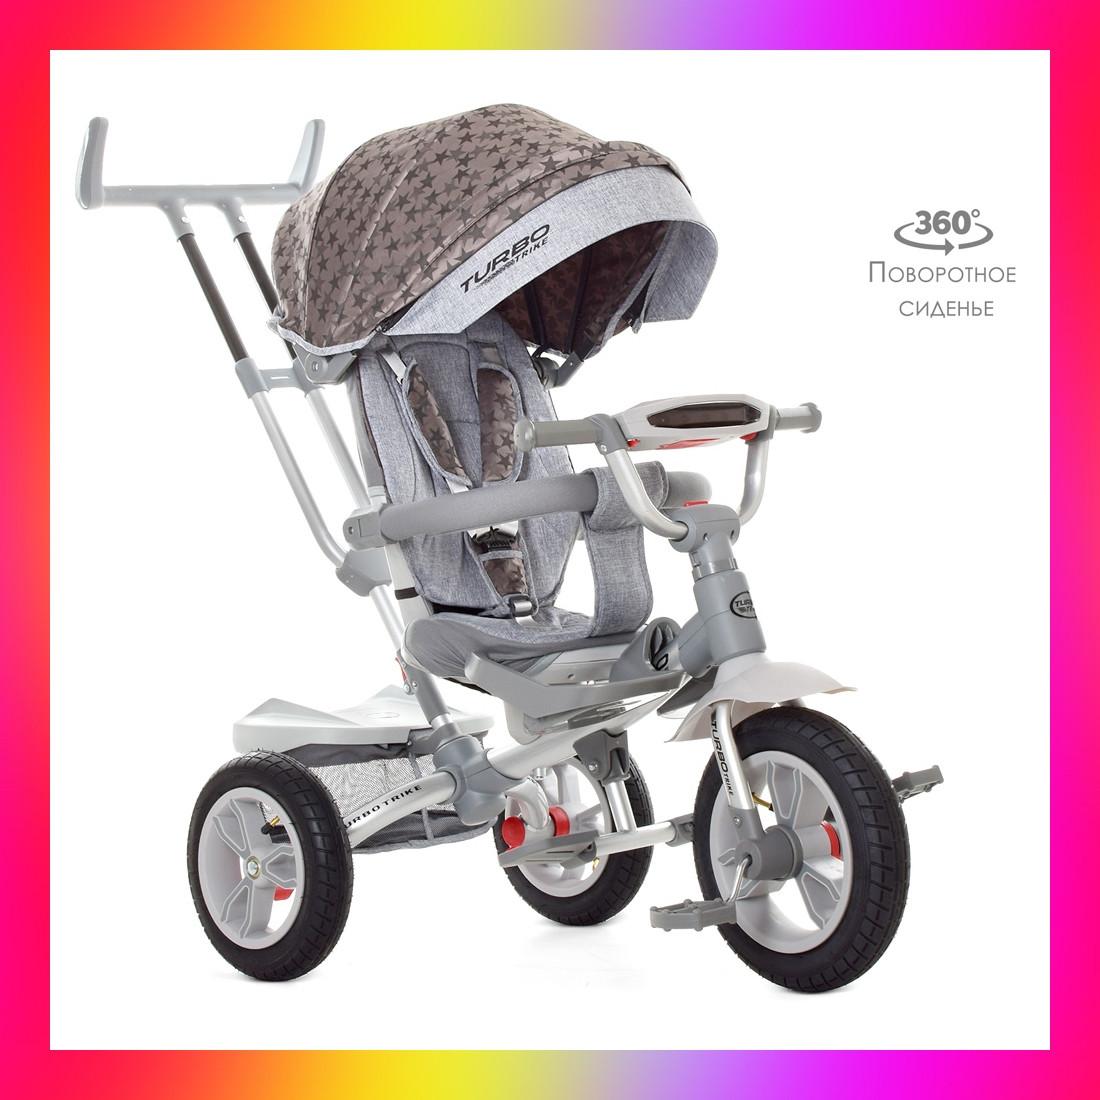 """Дитячий триколісний велосипед коляска з фарою і поворотним сидінням Turbotrike 4058 сірий """"зірки"""""""